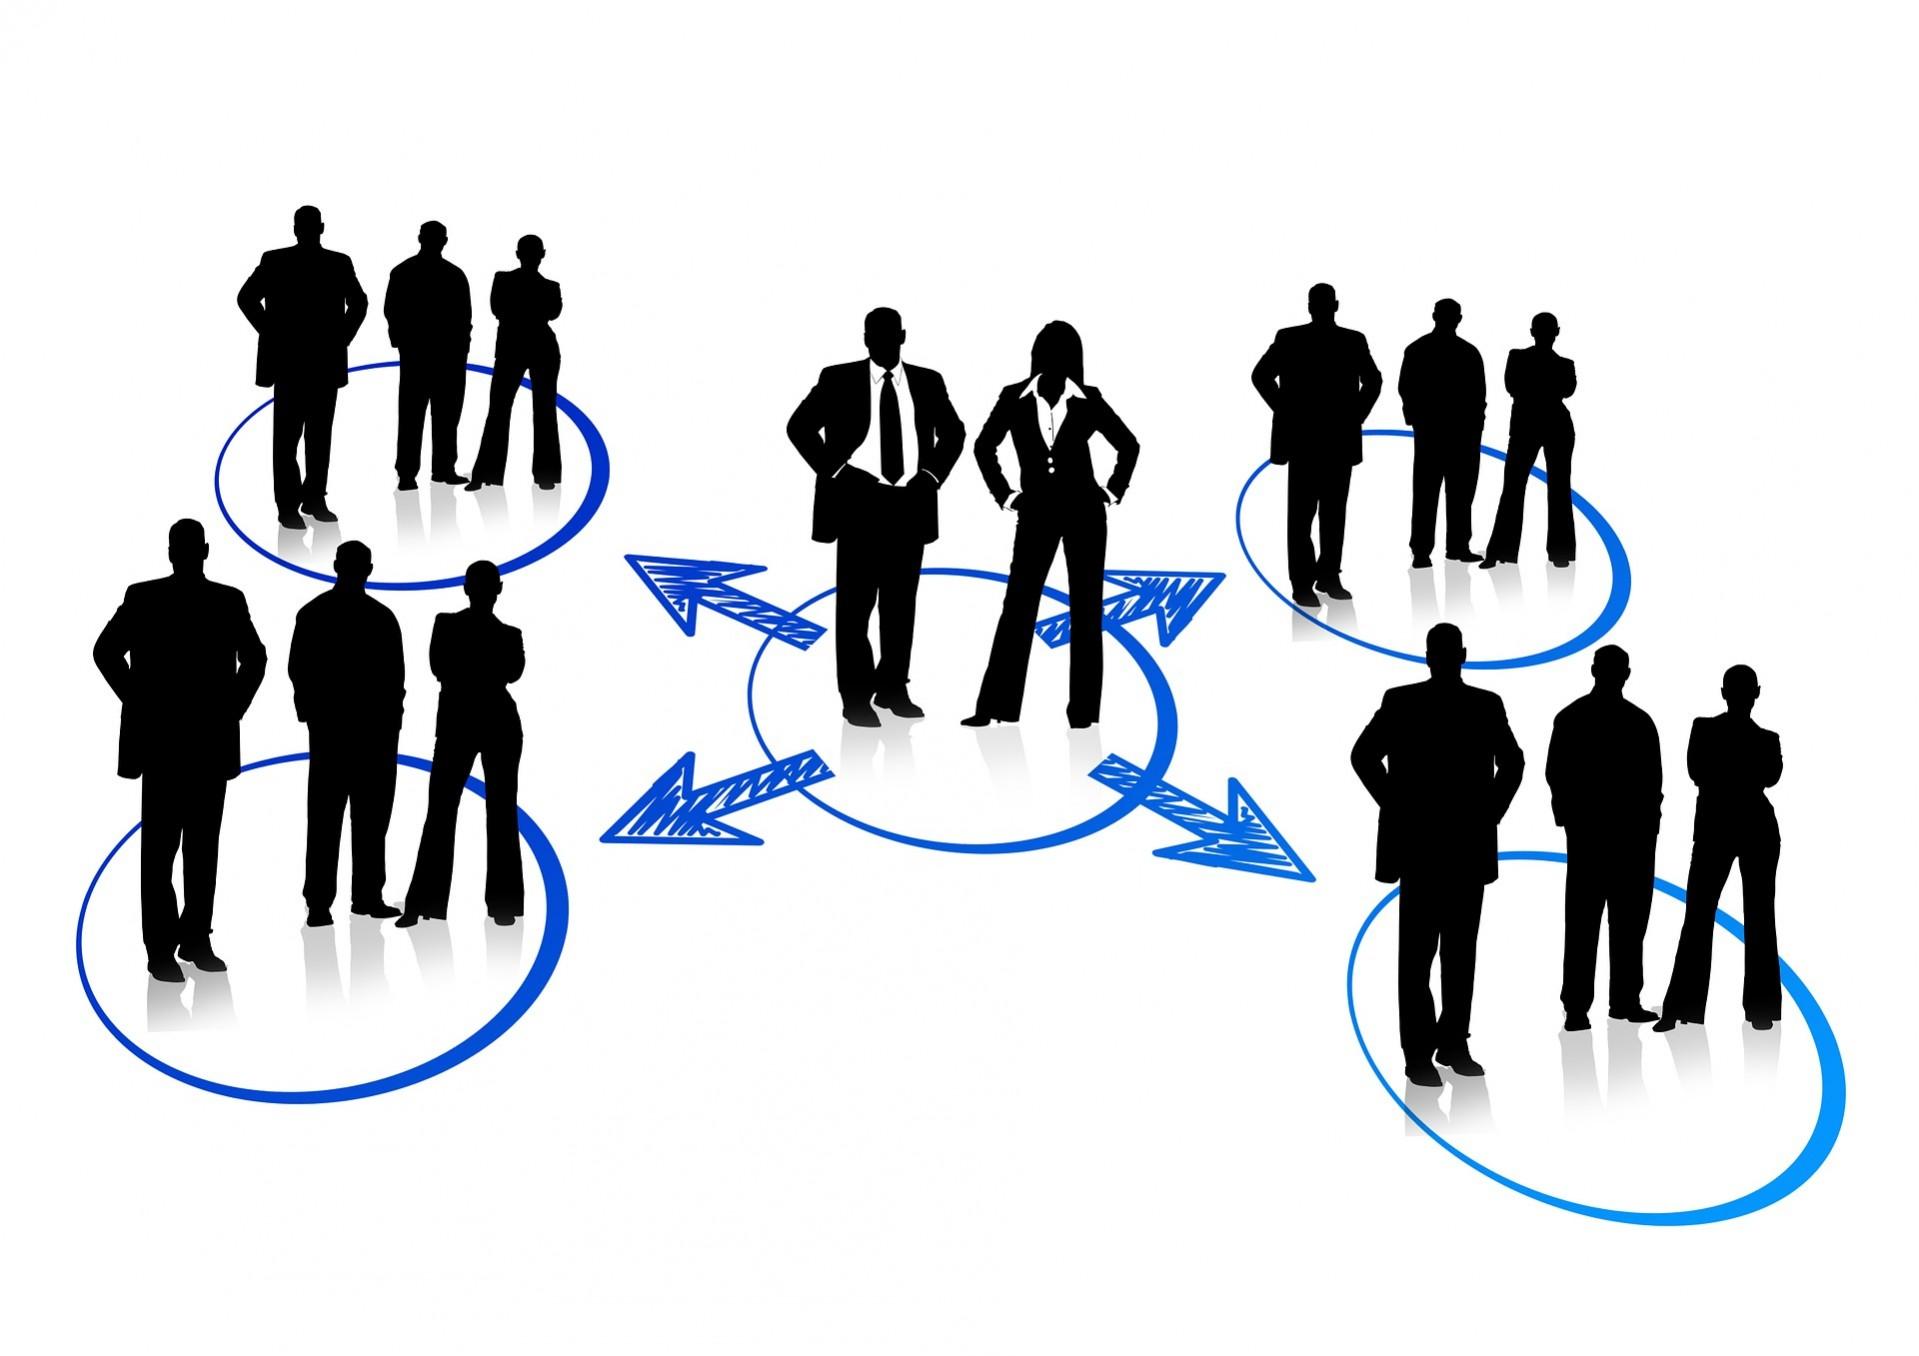 Zeichnung mit Menschen in Gruppen